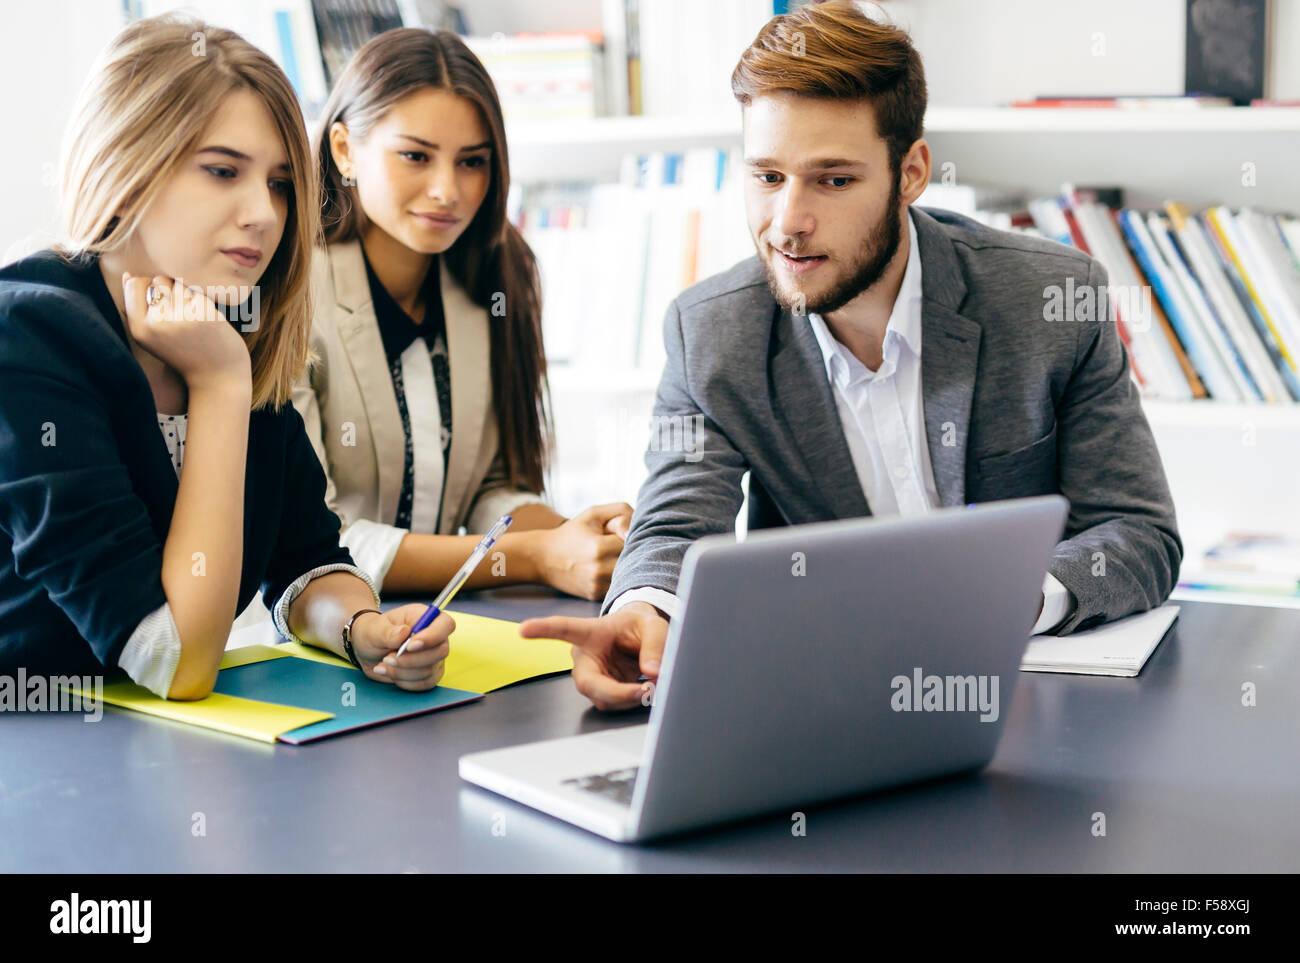 El equipo de arquitectos y diseñadores discutiendo planes futuros Imagen De Stock